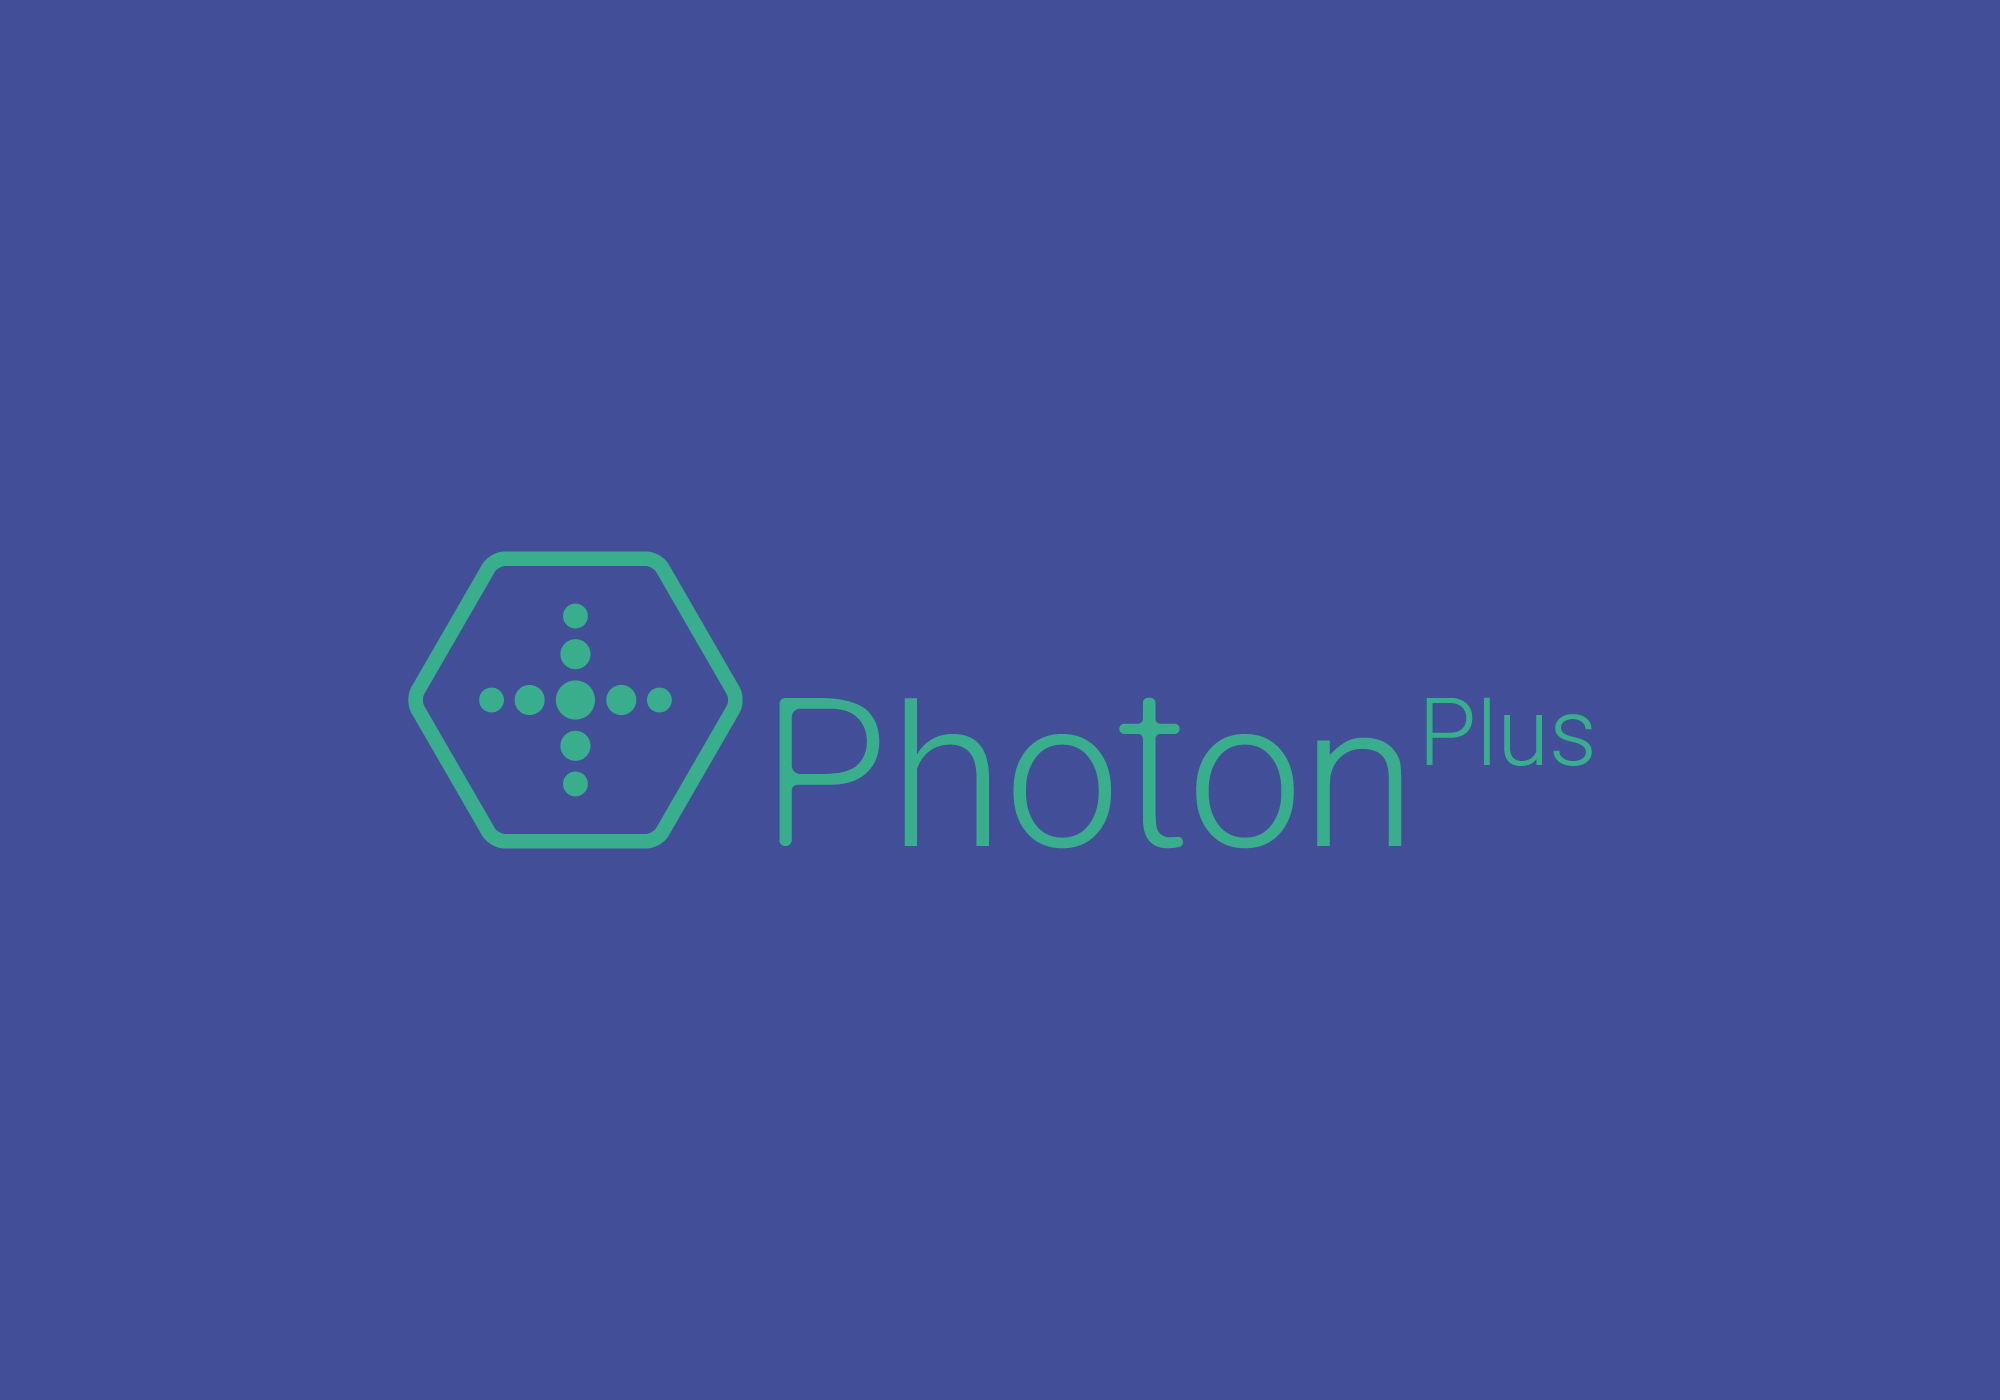 photonplus-09